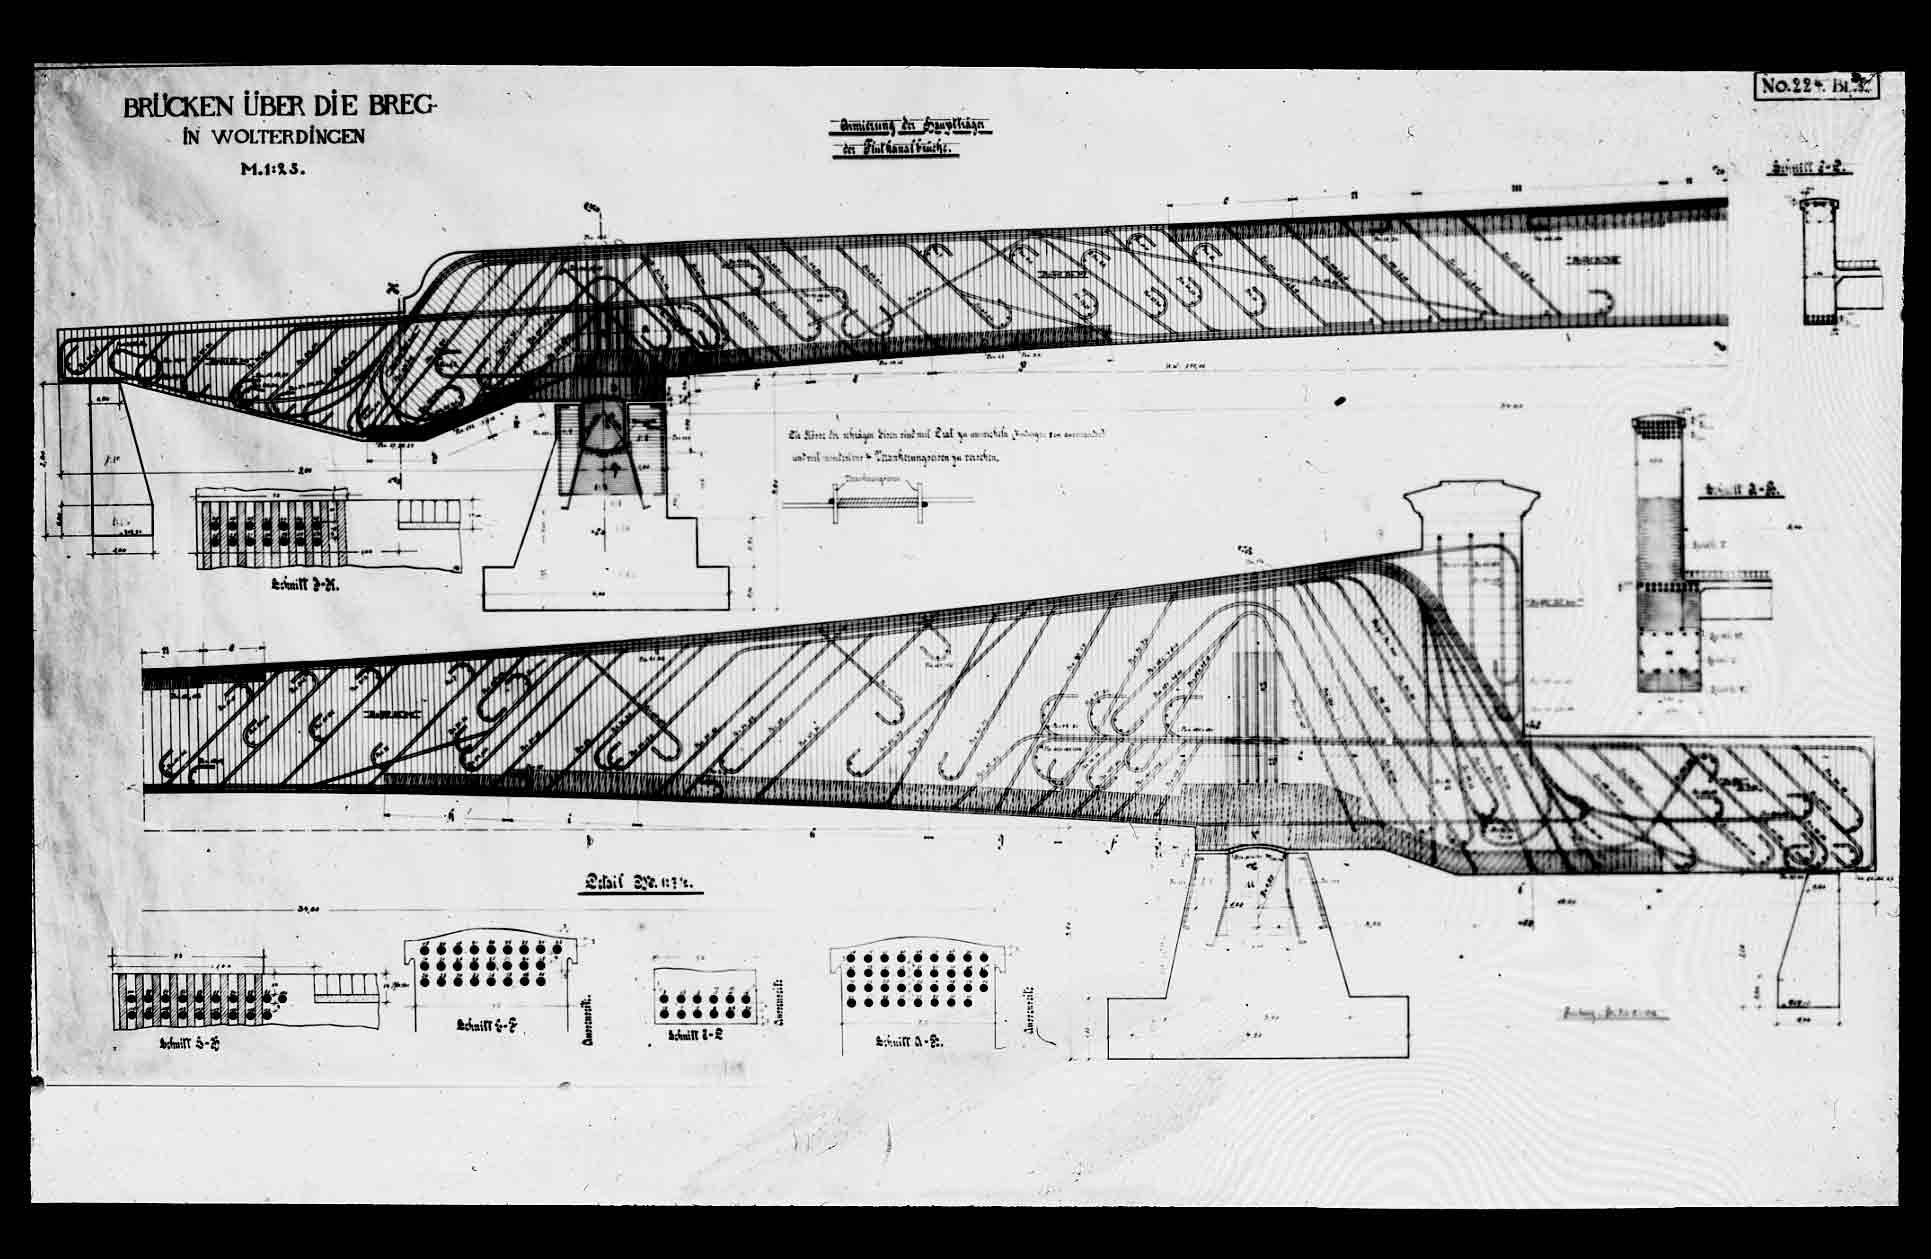 Brücke in Wolterdingen Konstruktionszeichnung - Detailseite - LEO-BW